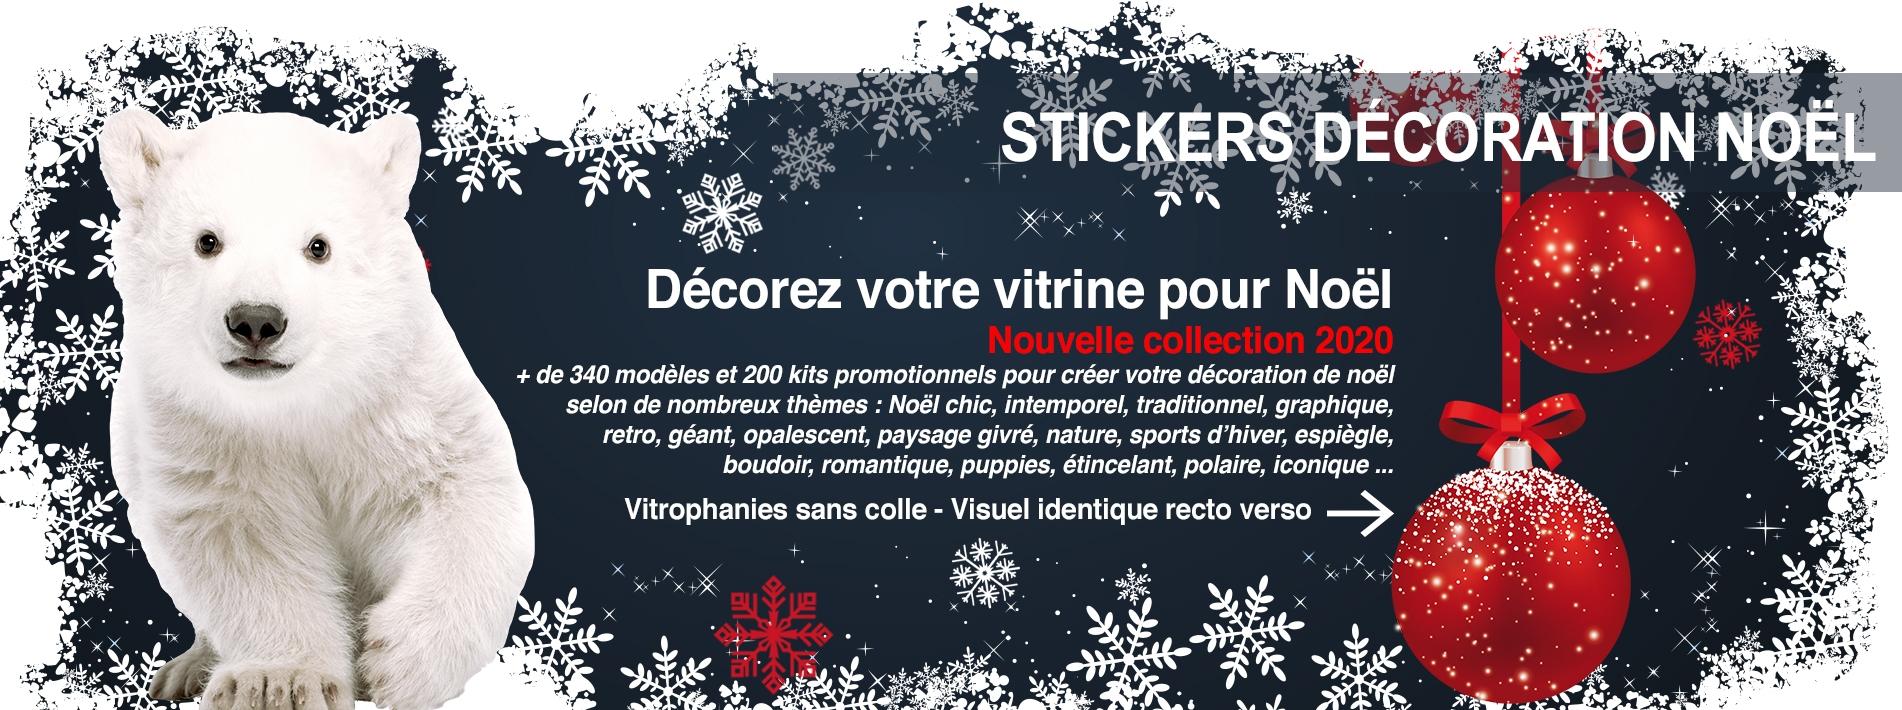 Stickers Noel Fenetre Superbes Stickers Electrostatiques D/écoratifs au Motif Pere Noel Decoration Vitrine Noel Petit Deux Pere Noel et Tra/îneau /à Rennes